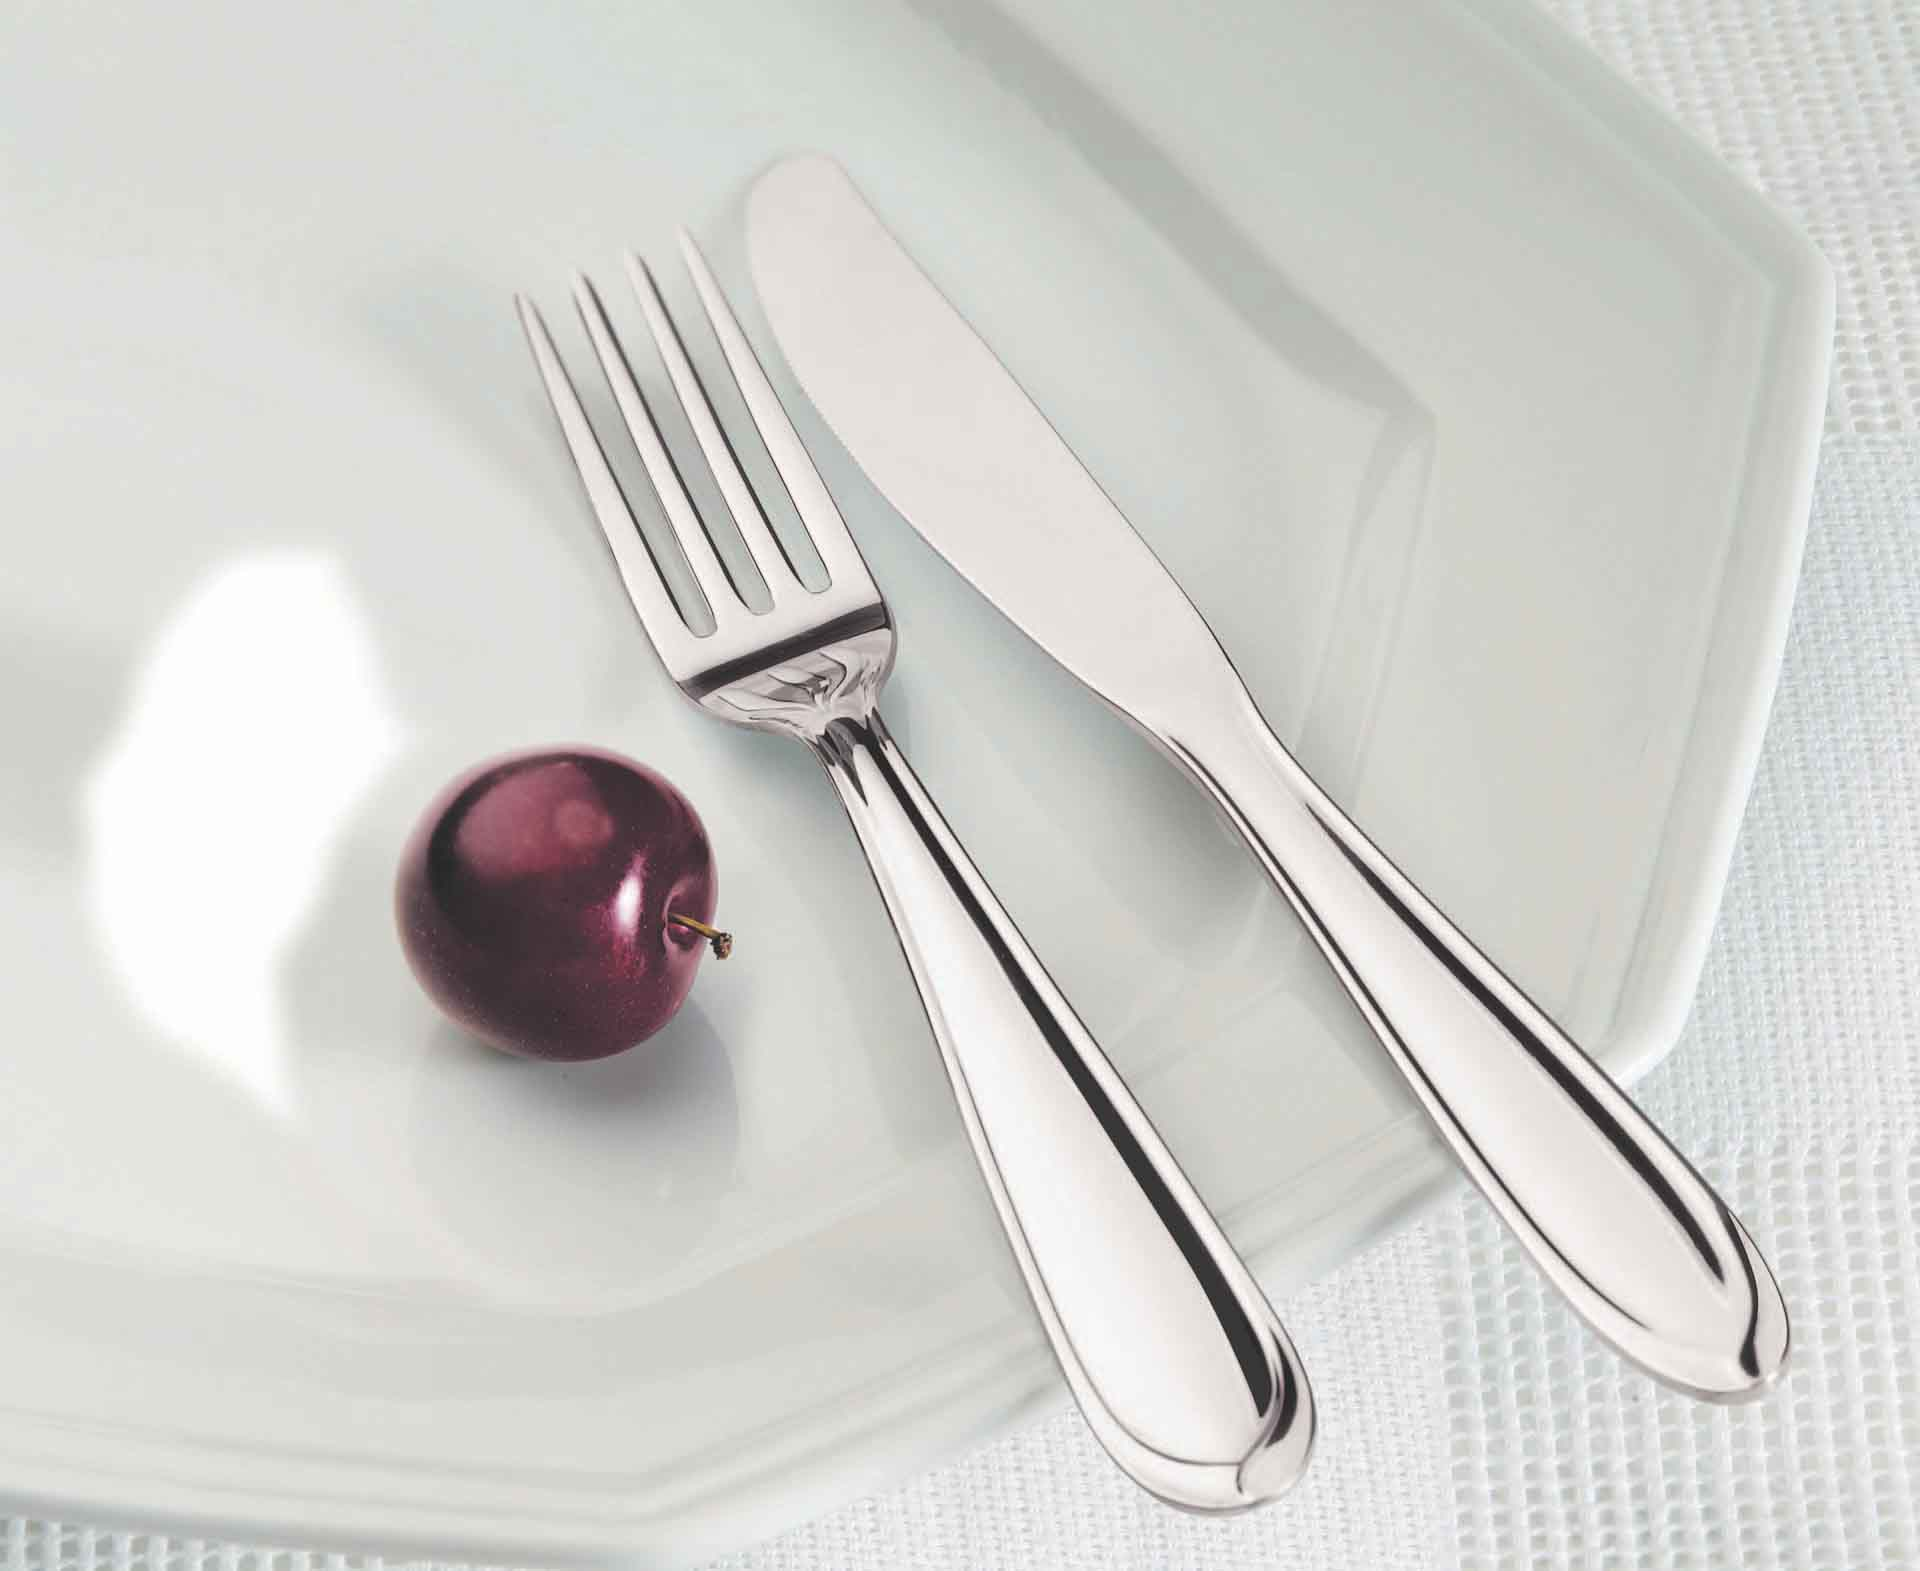 Thìa, đĩa bằng kim loại tuyệt đối không được đưa vào lò vi ba